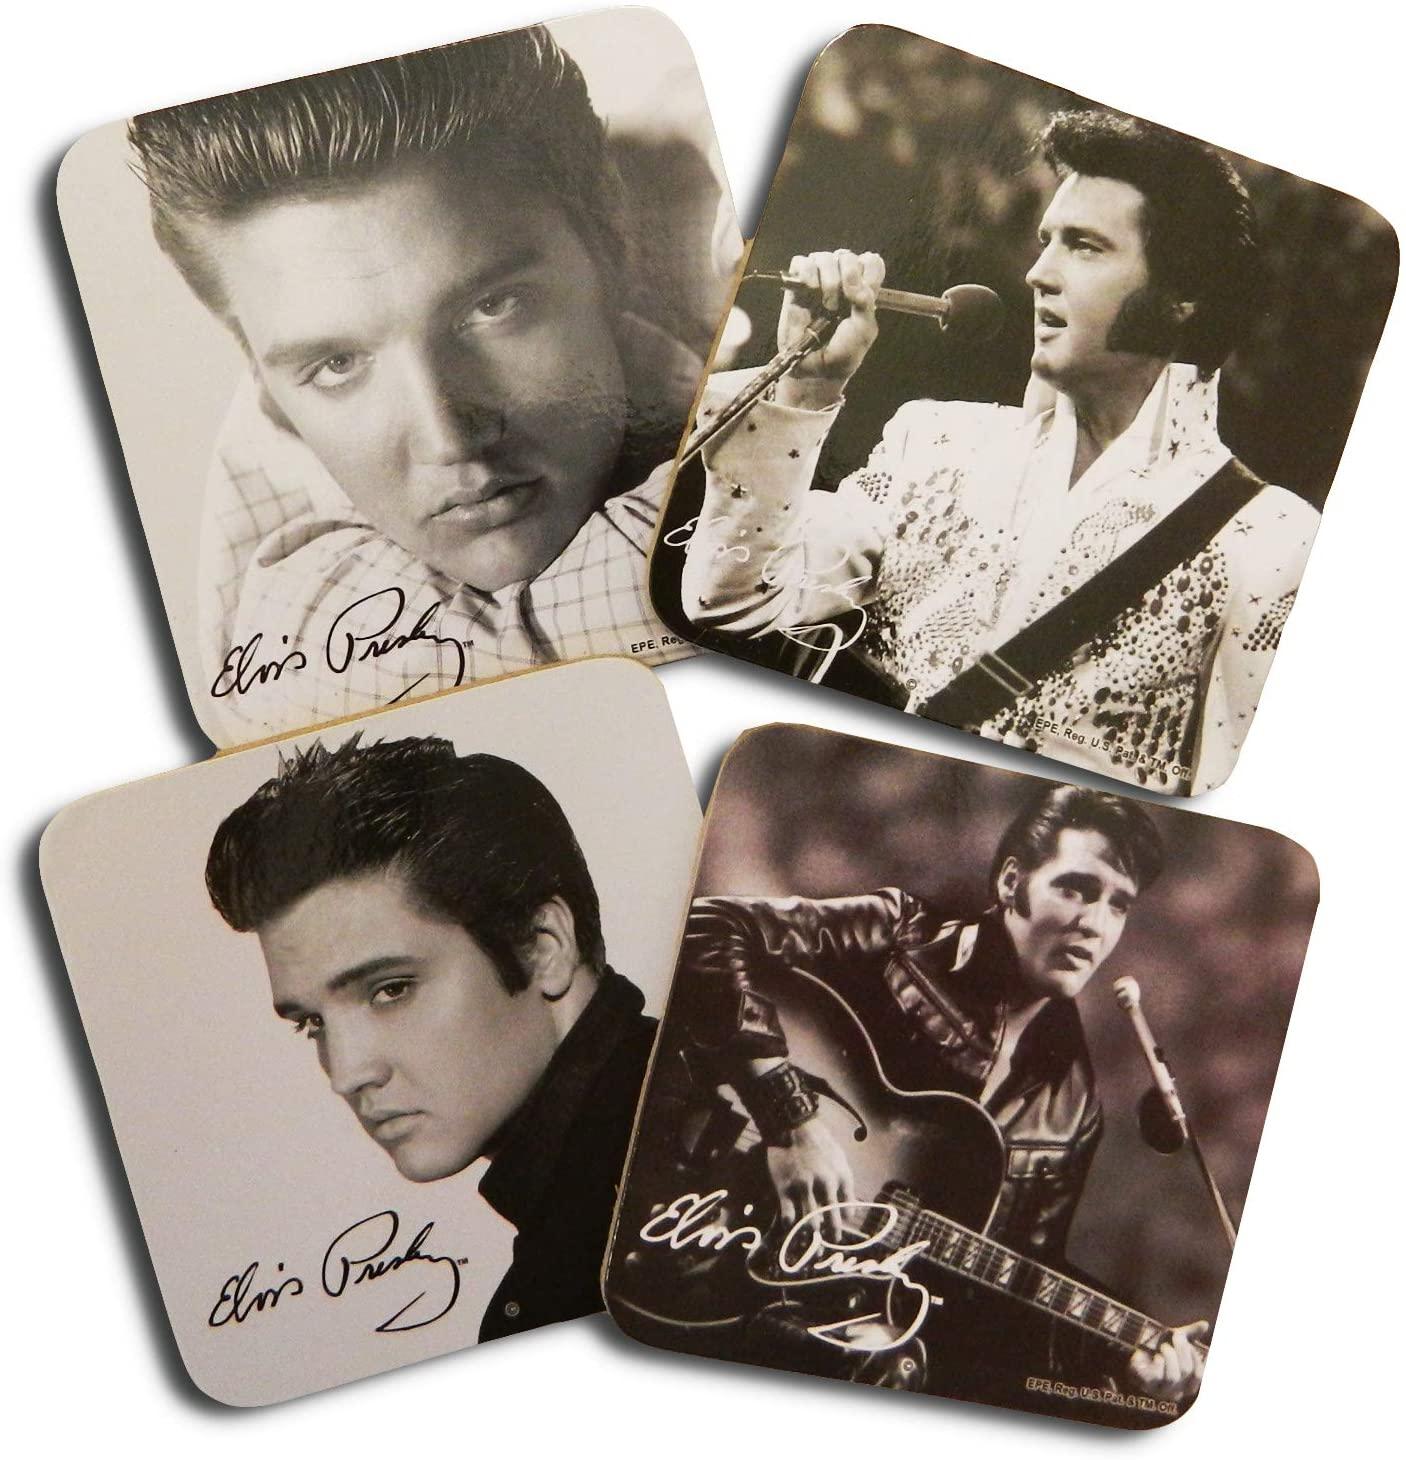 Elvis Presley Wooden coasters, set of 4